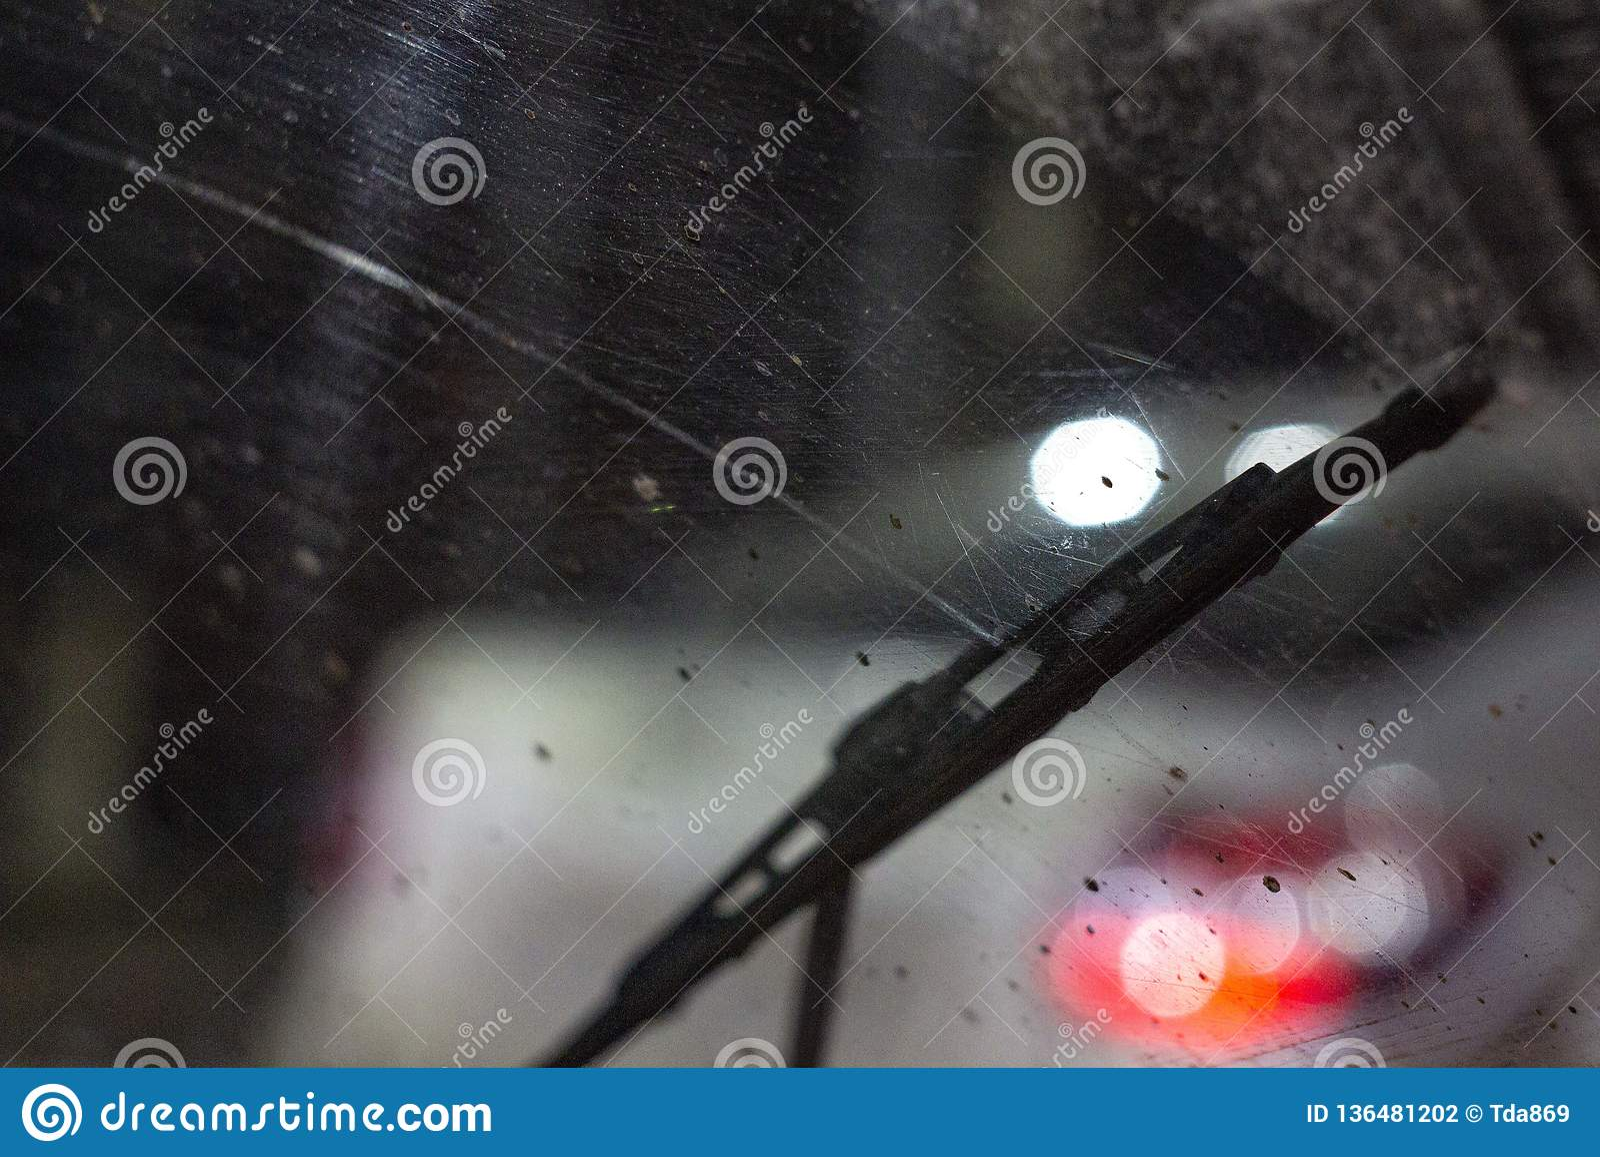 Wischer innerhalb des Autos auf einer schmutzigen verkratzten Windschutzscheibe, Regenjahreszeit, nachts die vorderen und hintere